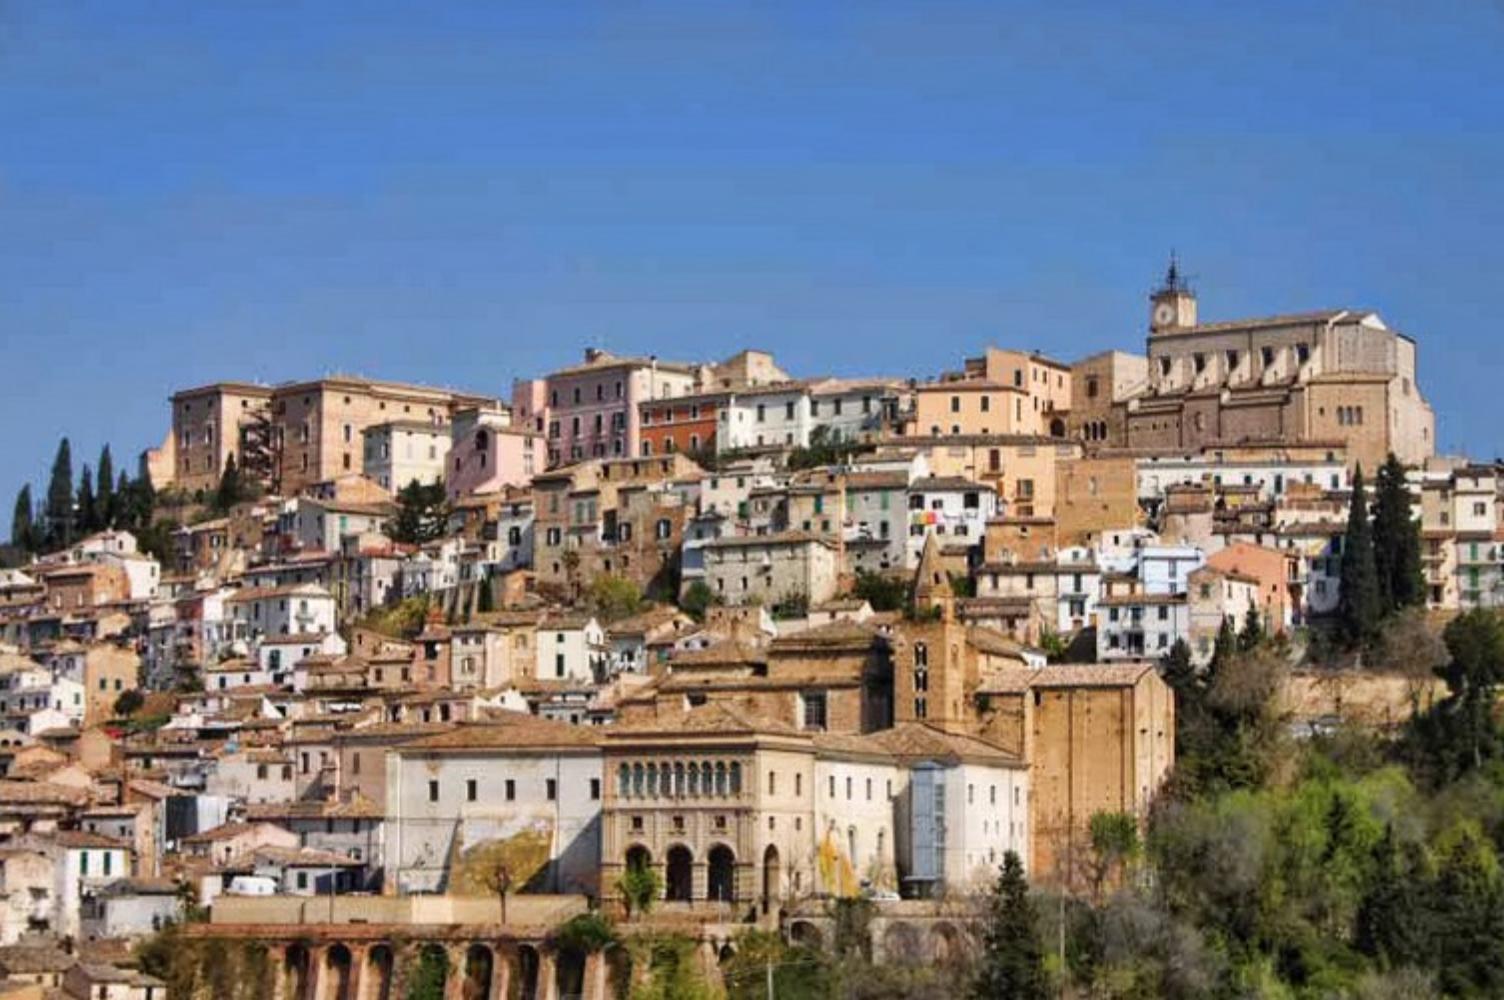 Alla scoperta dell'Abruzzo con Brickscape: Esperienze e Tappe imperdibili